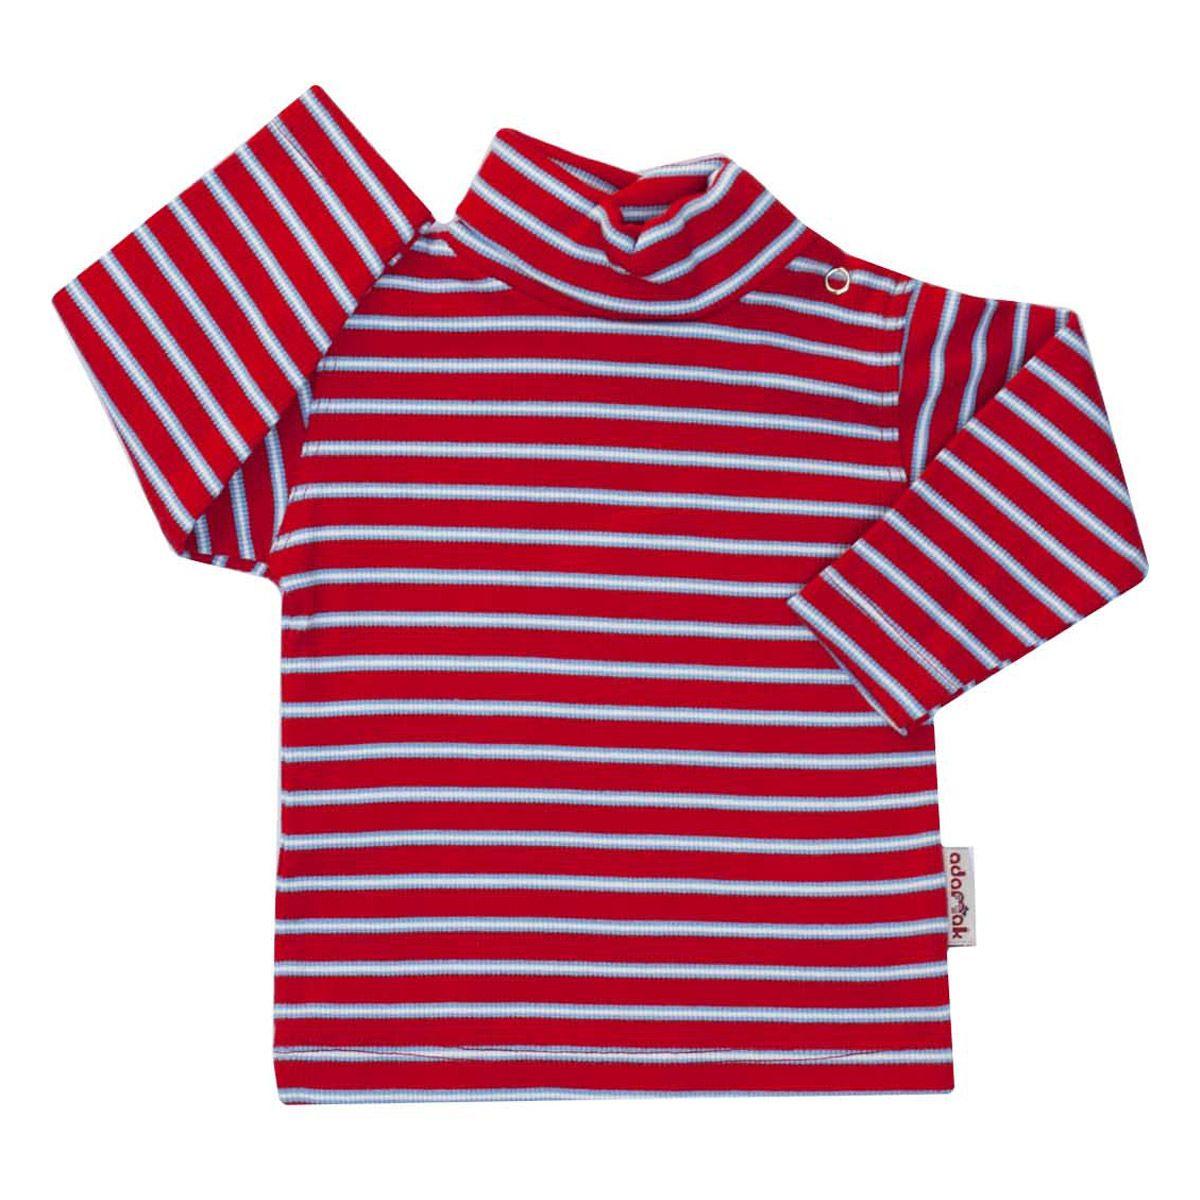 تی شرت آدمک طرح راه راه کد 10-1444011 -  - 2